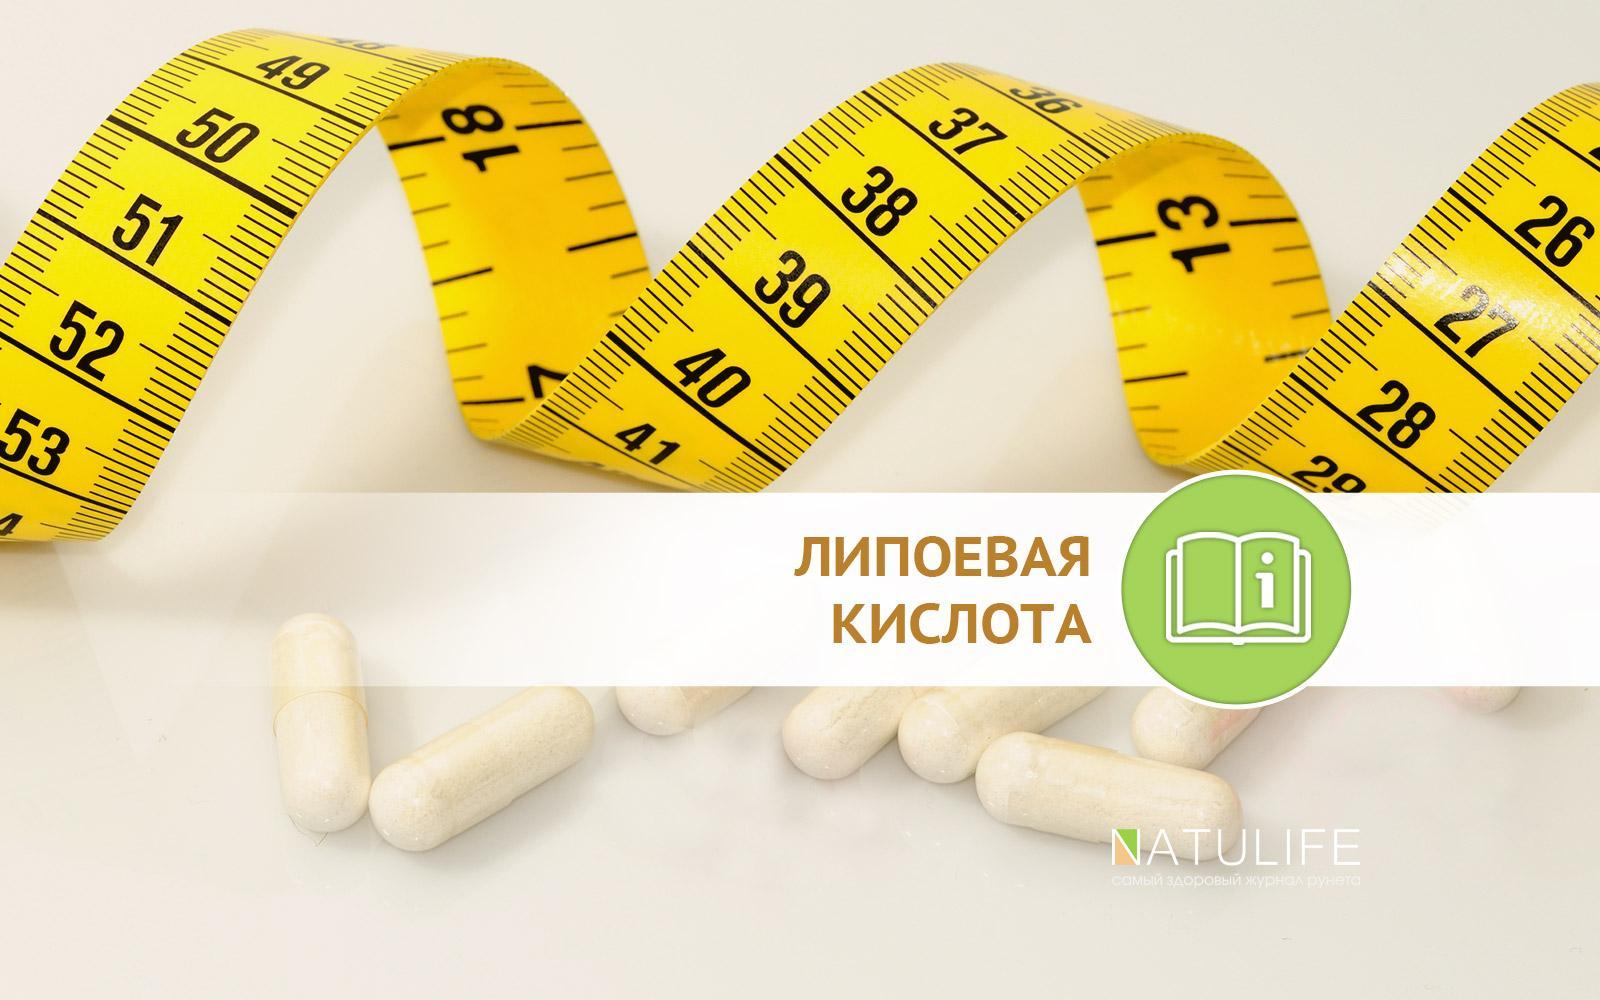 Витамин n (липоевая кислота): показания к применению содержание в продуктах для похудения для спортсменов крем недостаток избыток в организме